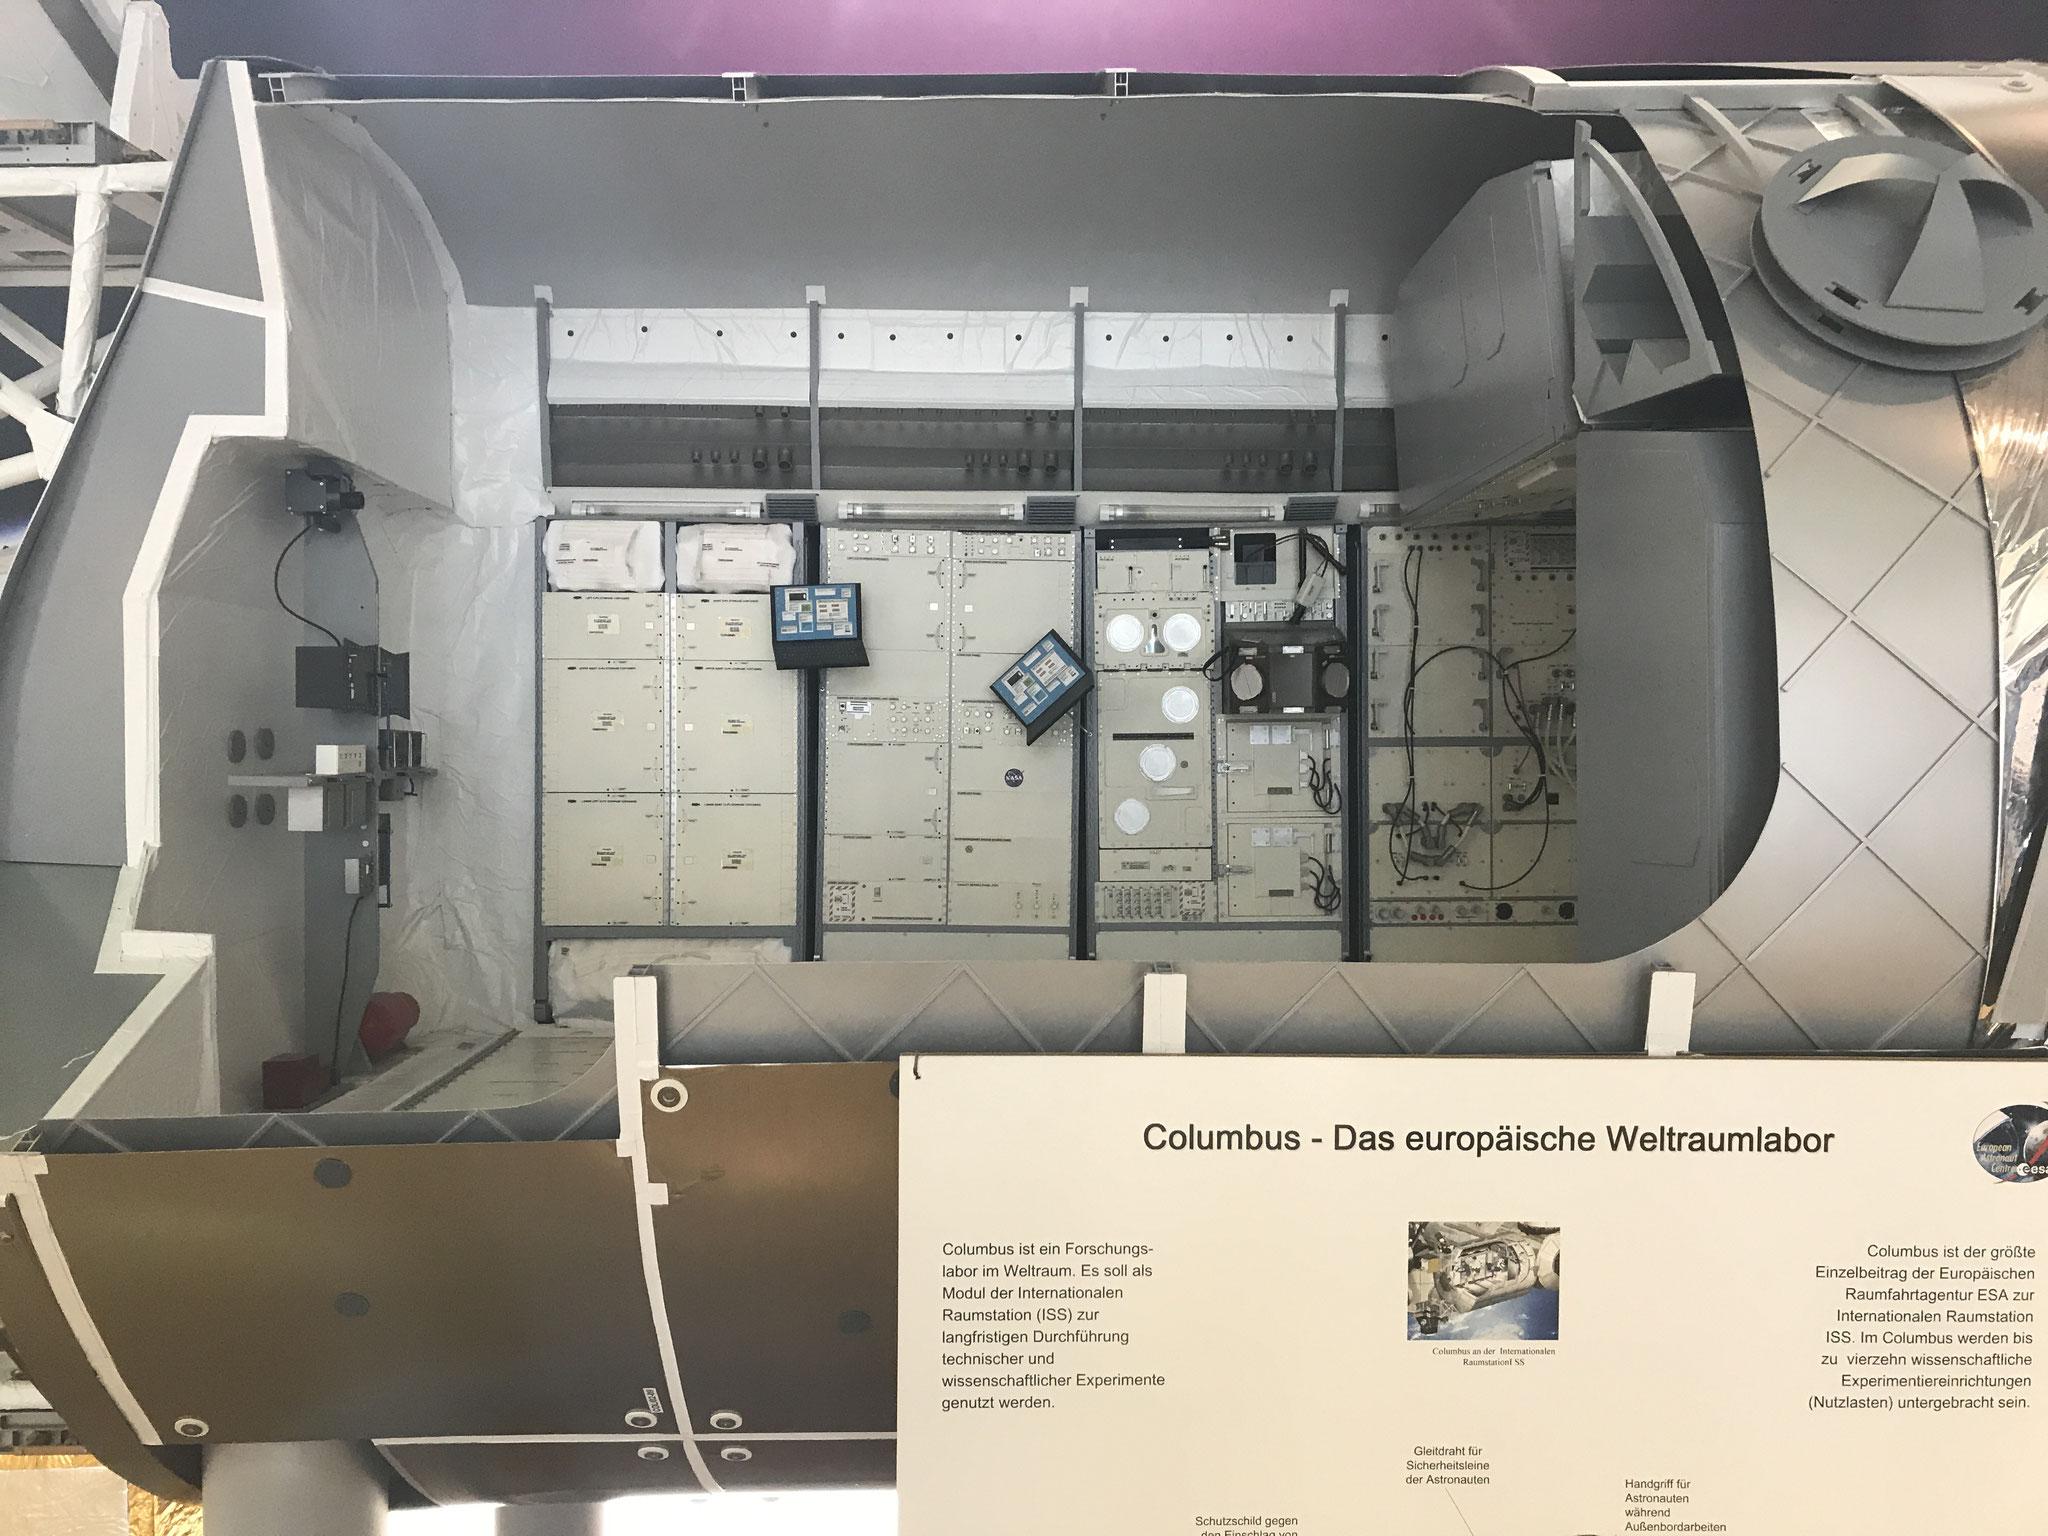 Innenansicht des Weltraumlabors. Foto Sigrid Bucholz